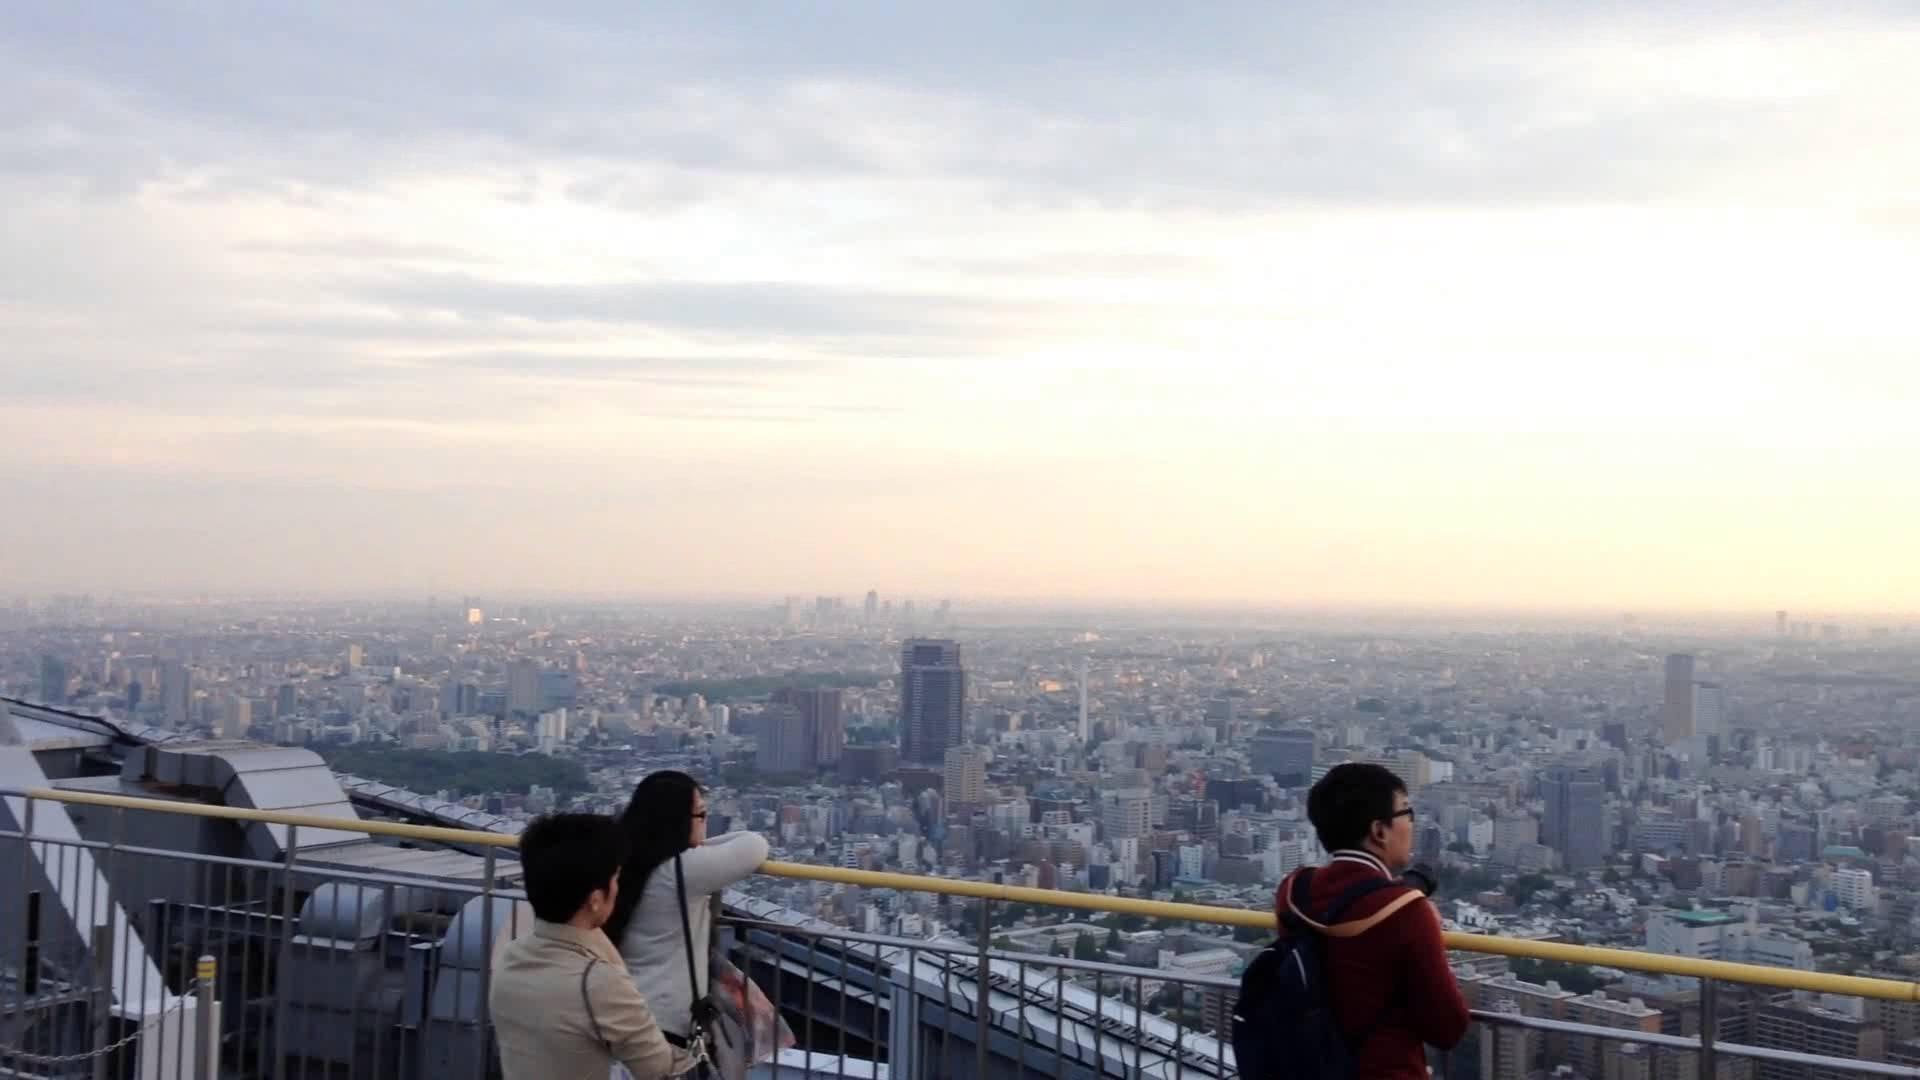 六本木ヒルズ展望台東京シティビュー スカイデッキ에 대한 이미지 검색결과